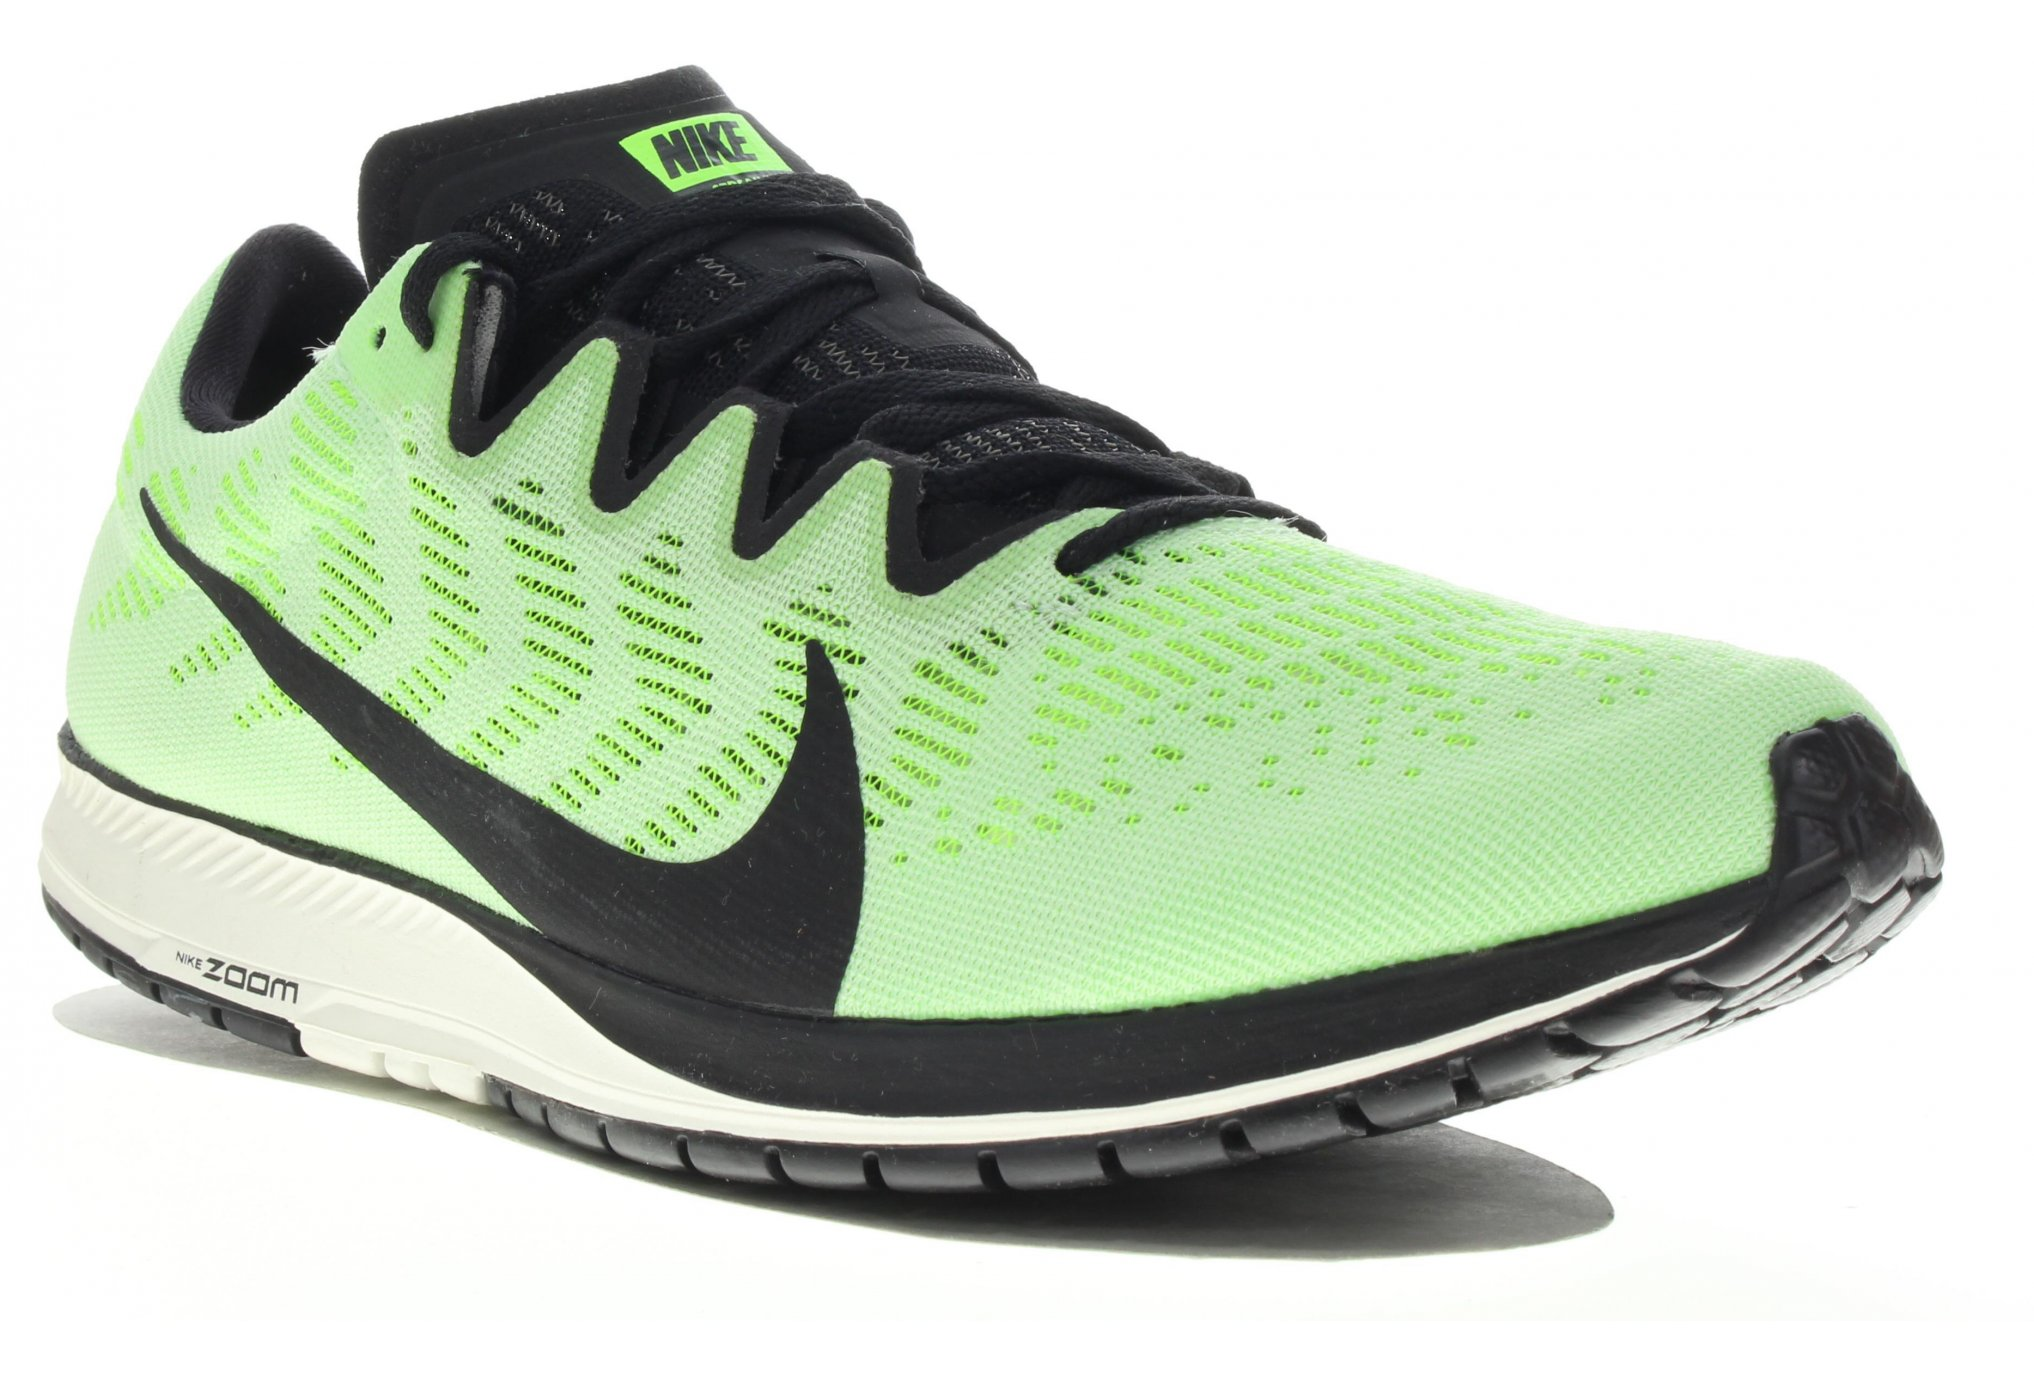 Nike Air Zoom Streak 7 Chaussures homme